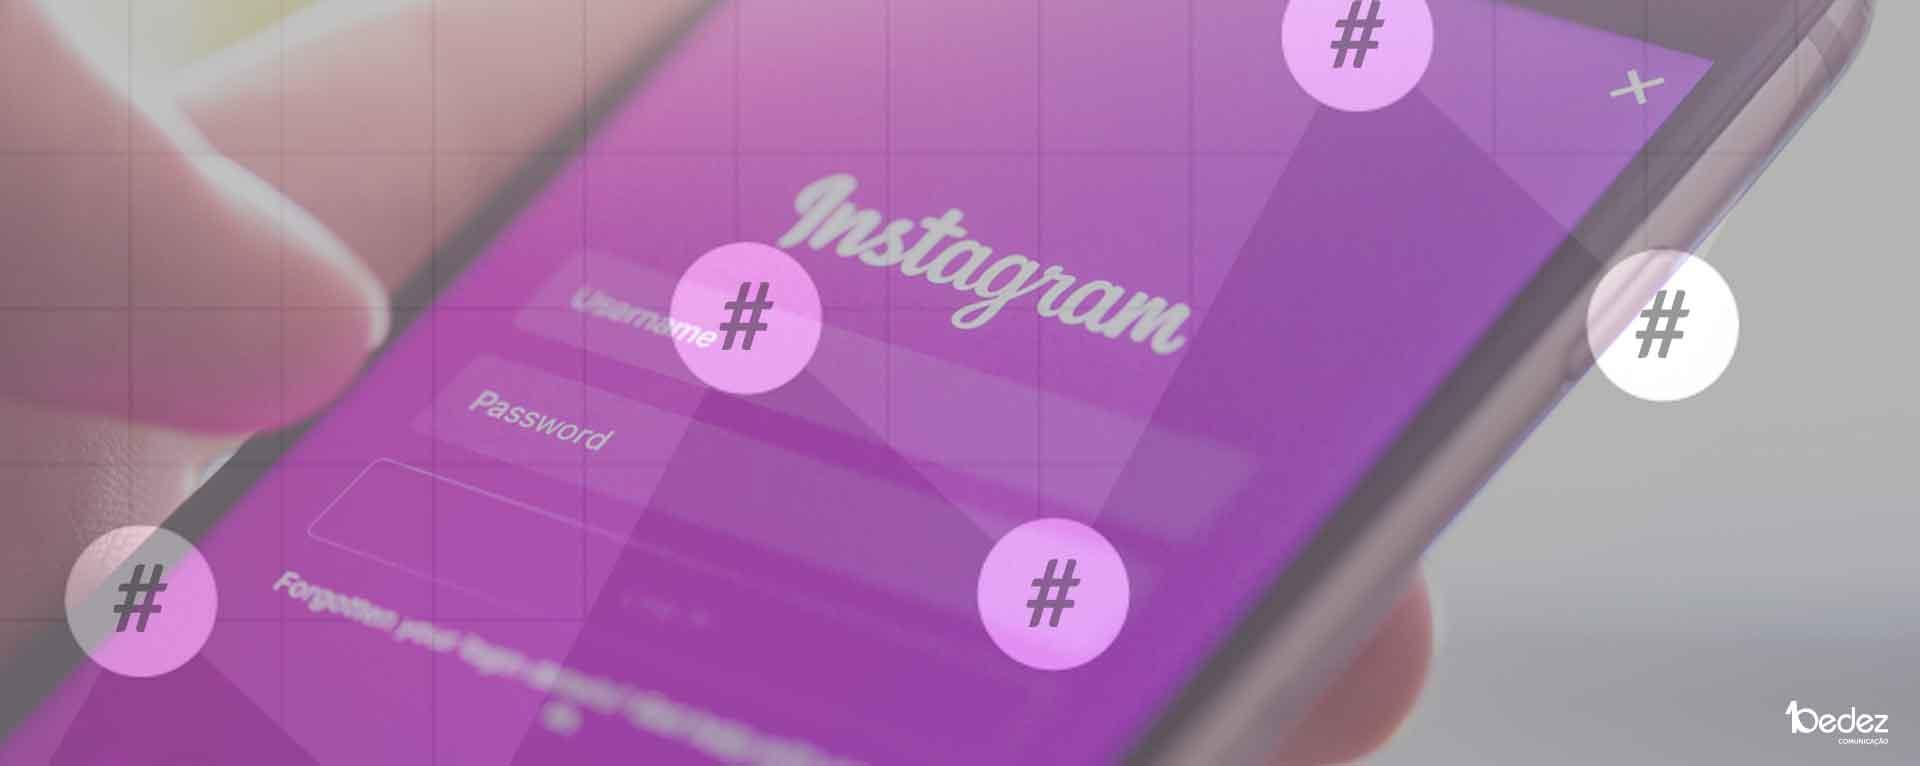 novas regras instagram hashtags bedez comunicacao